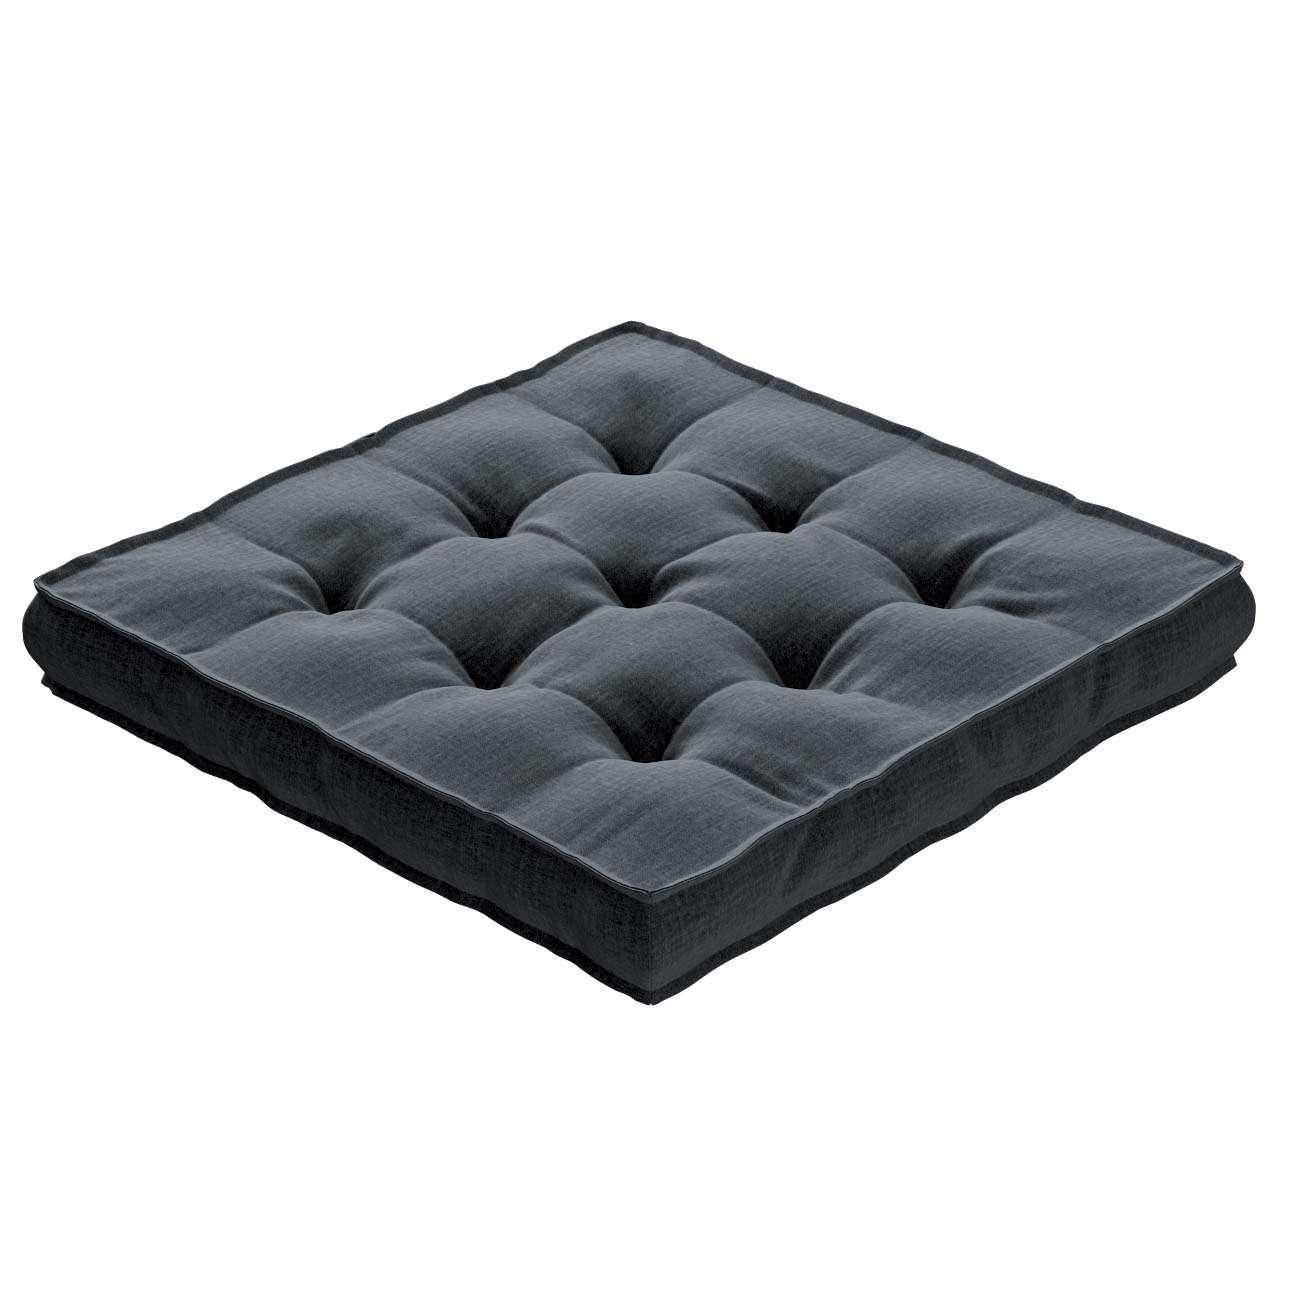 Siedzisko Kuba na krzesło w kolekcji Ingrid, tkanina: 705-43